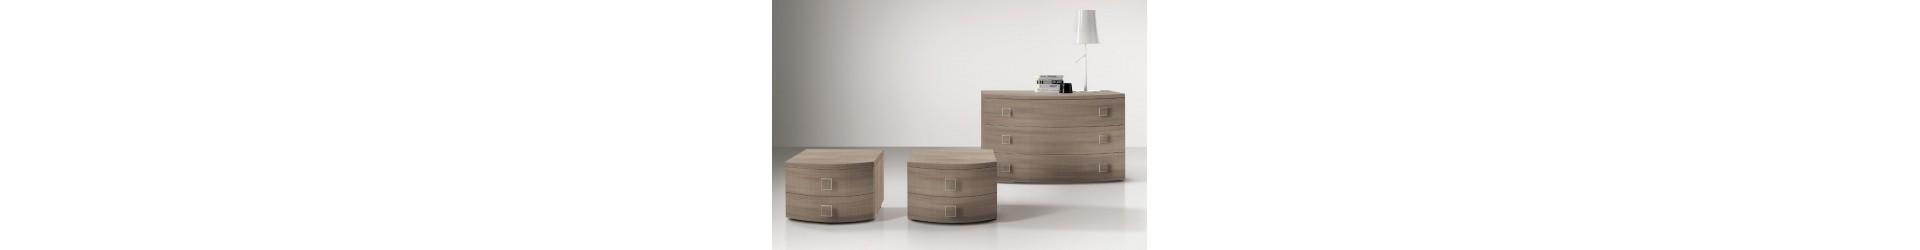 Muebles para el dormitorio son de estilo tradicional, diseñado para el futuro.